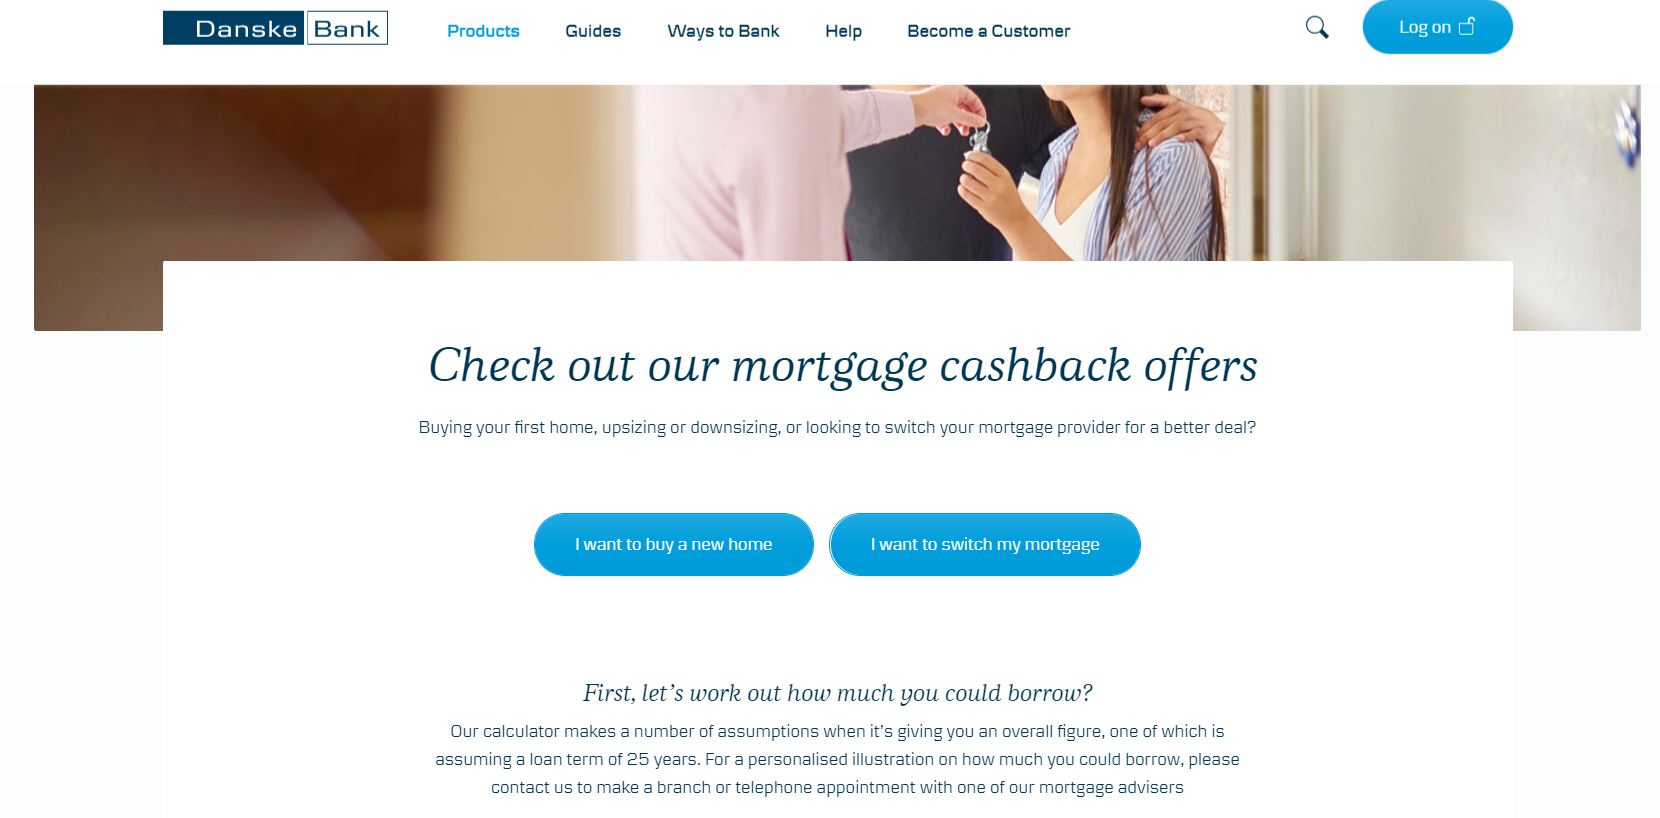 danske bank mortgage cashback